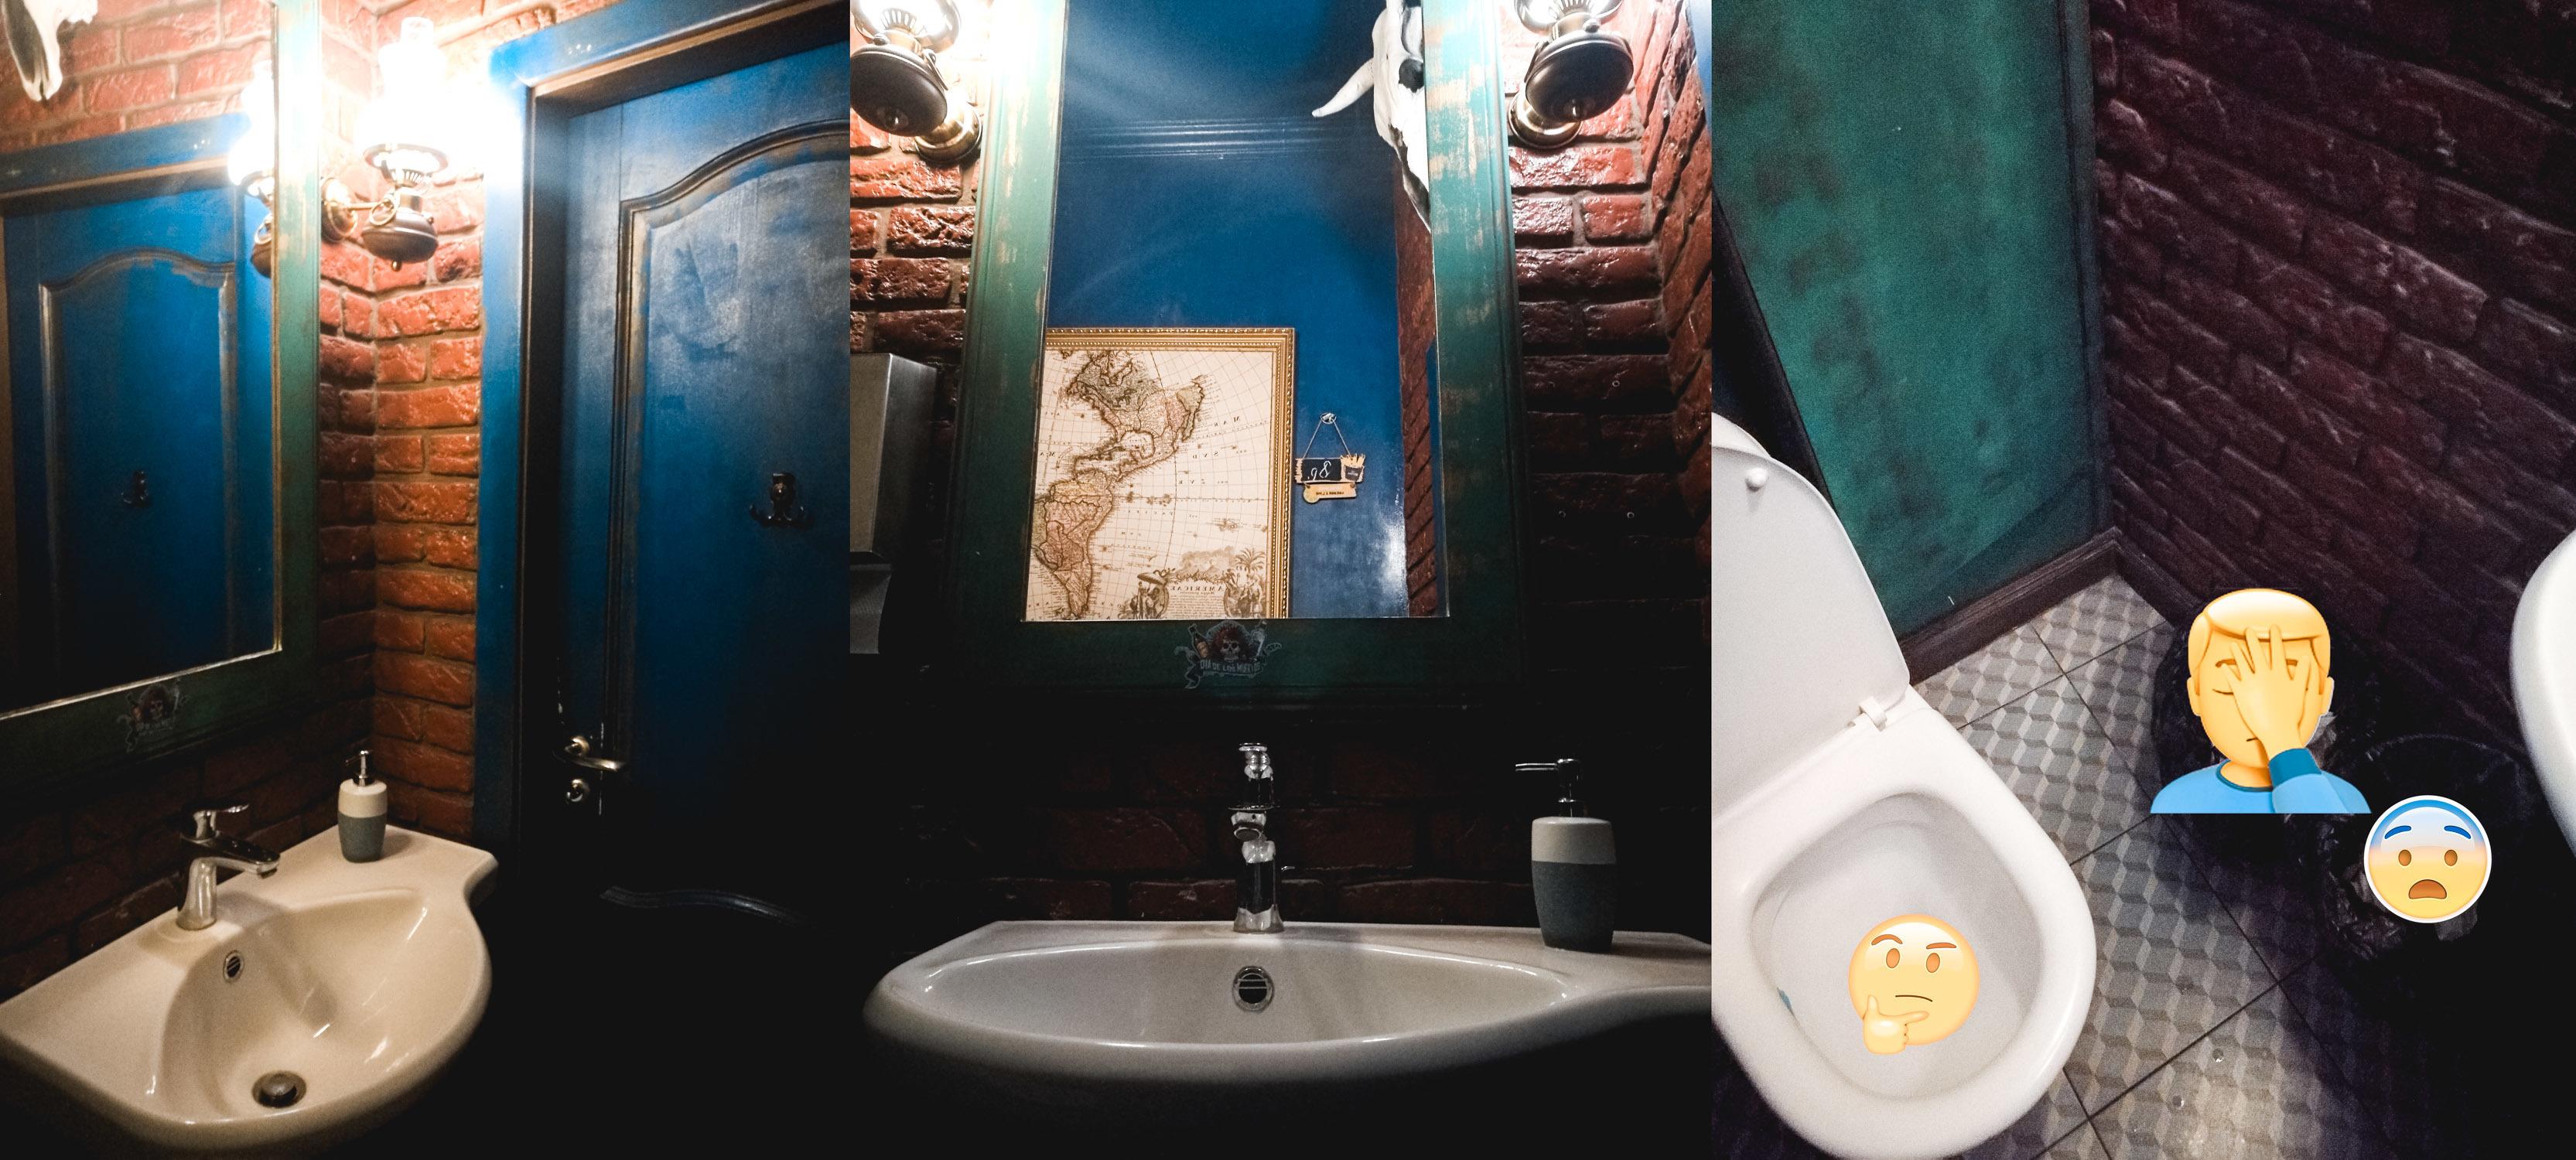 Секс в туалете одна на двоих, Пьяную ебут в туалете клуба -видео. Смотреть 19 фотография